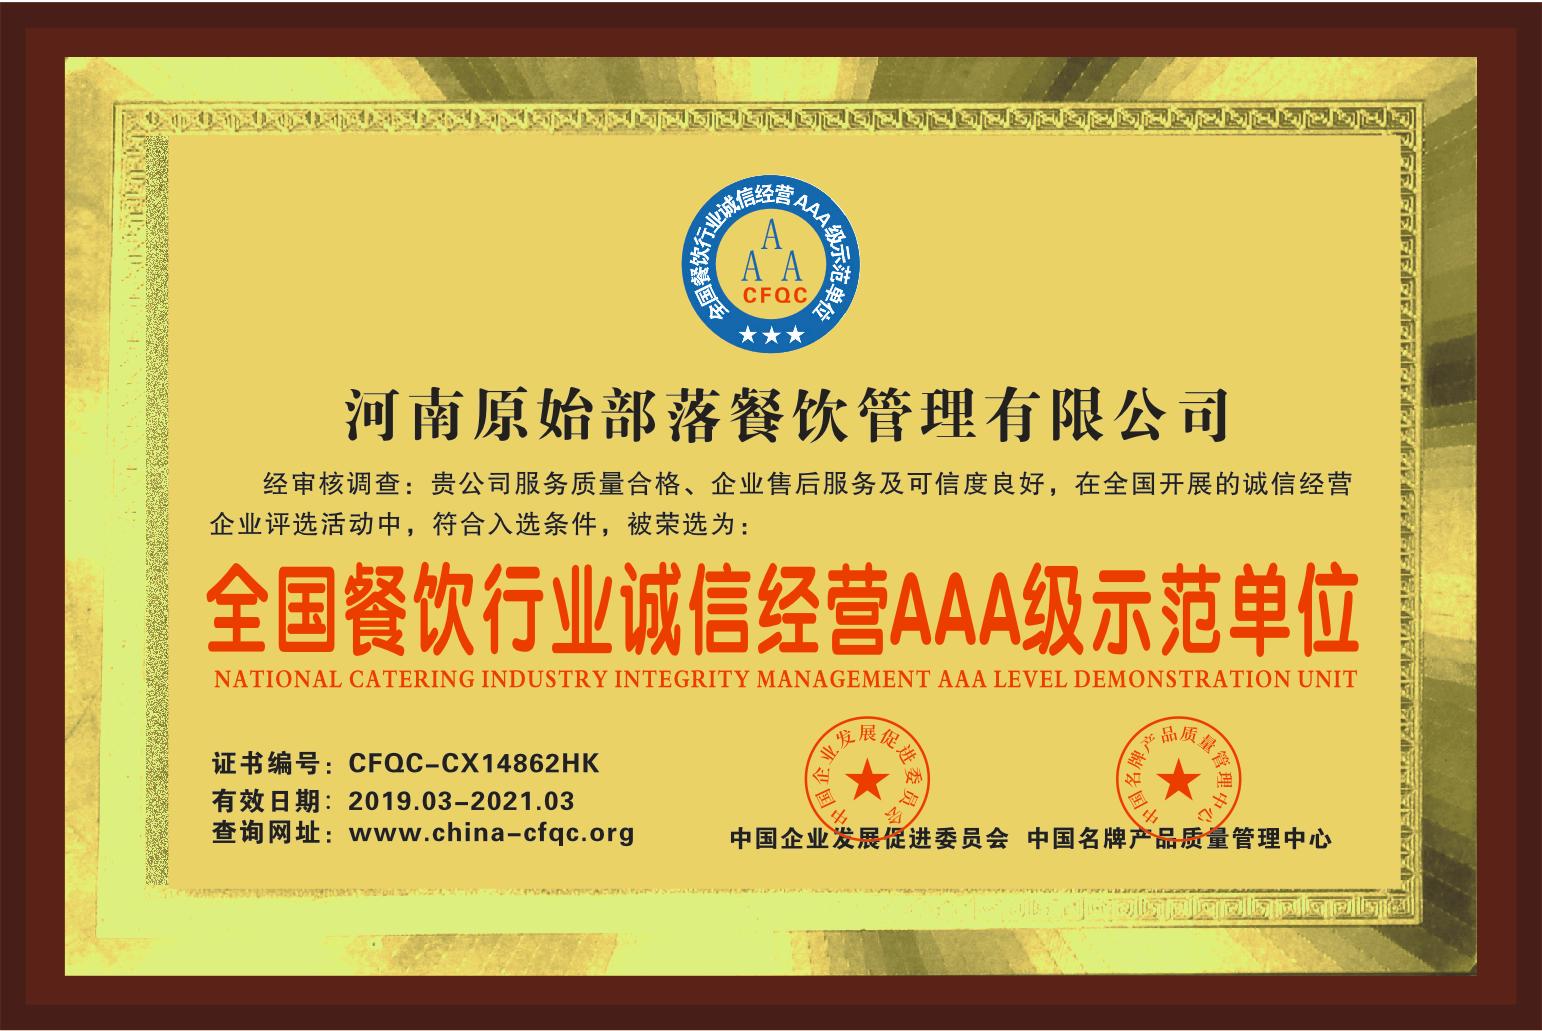 第一部落荣获全国餐饮行业诚信经营AAA级示范单位